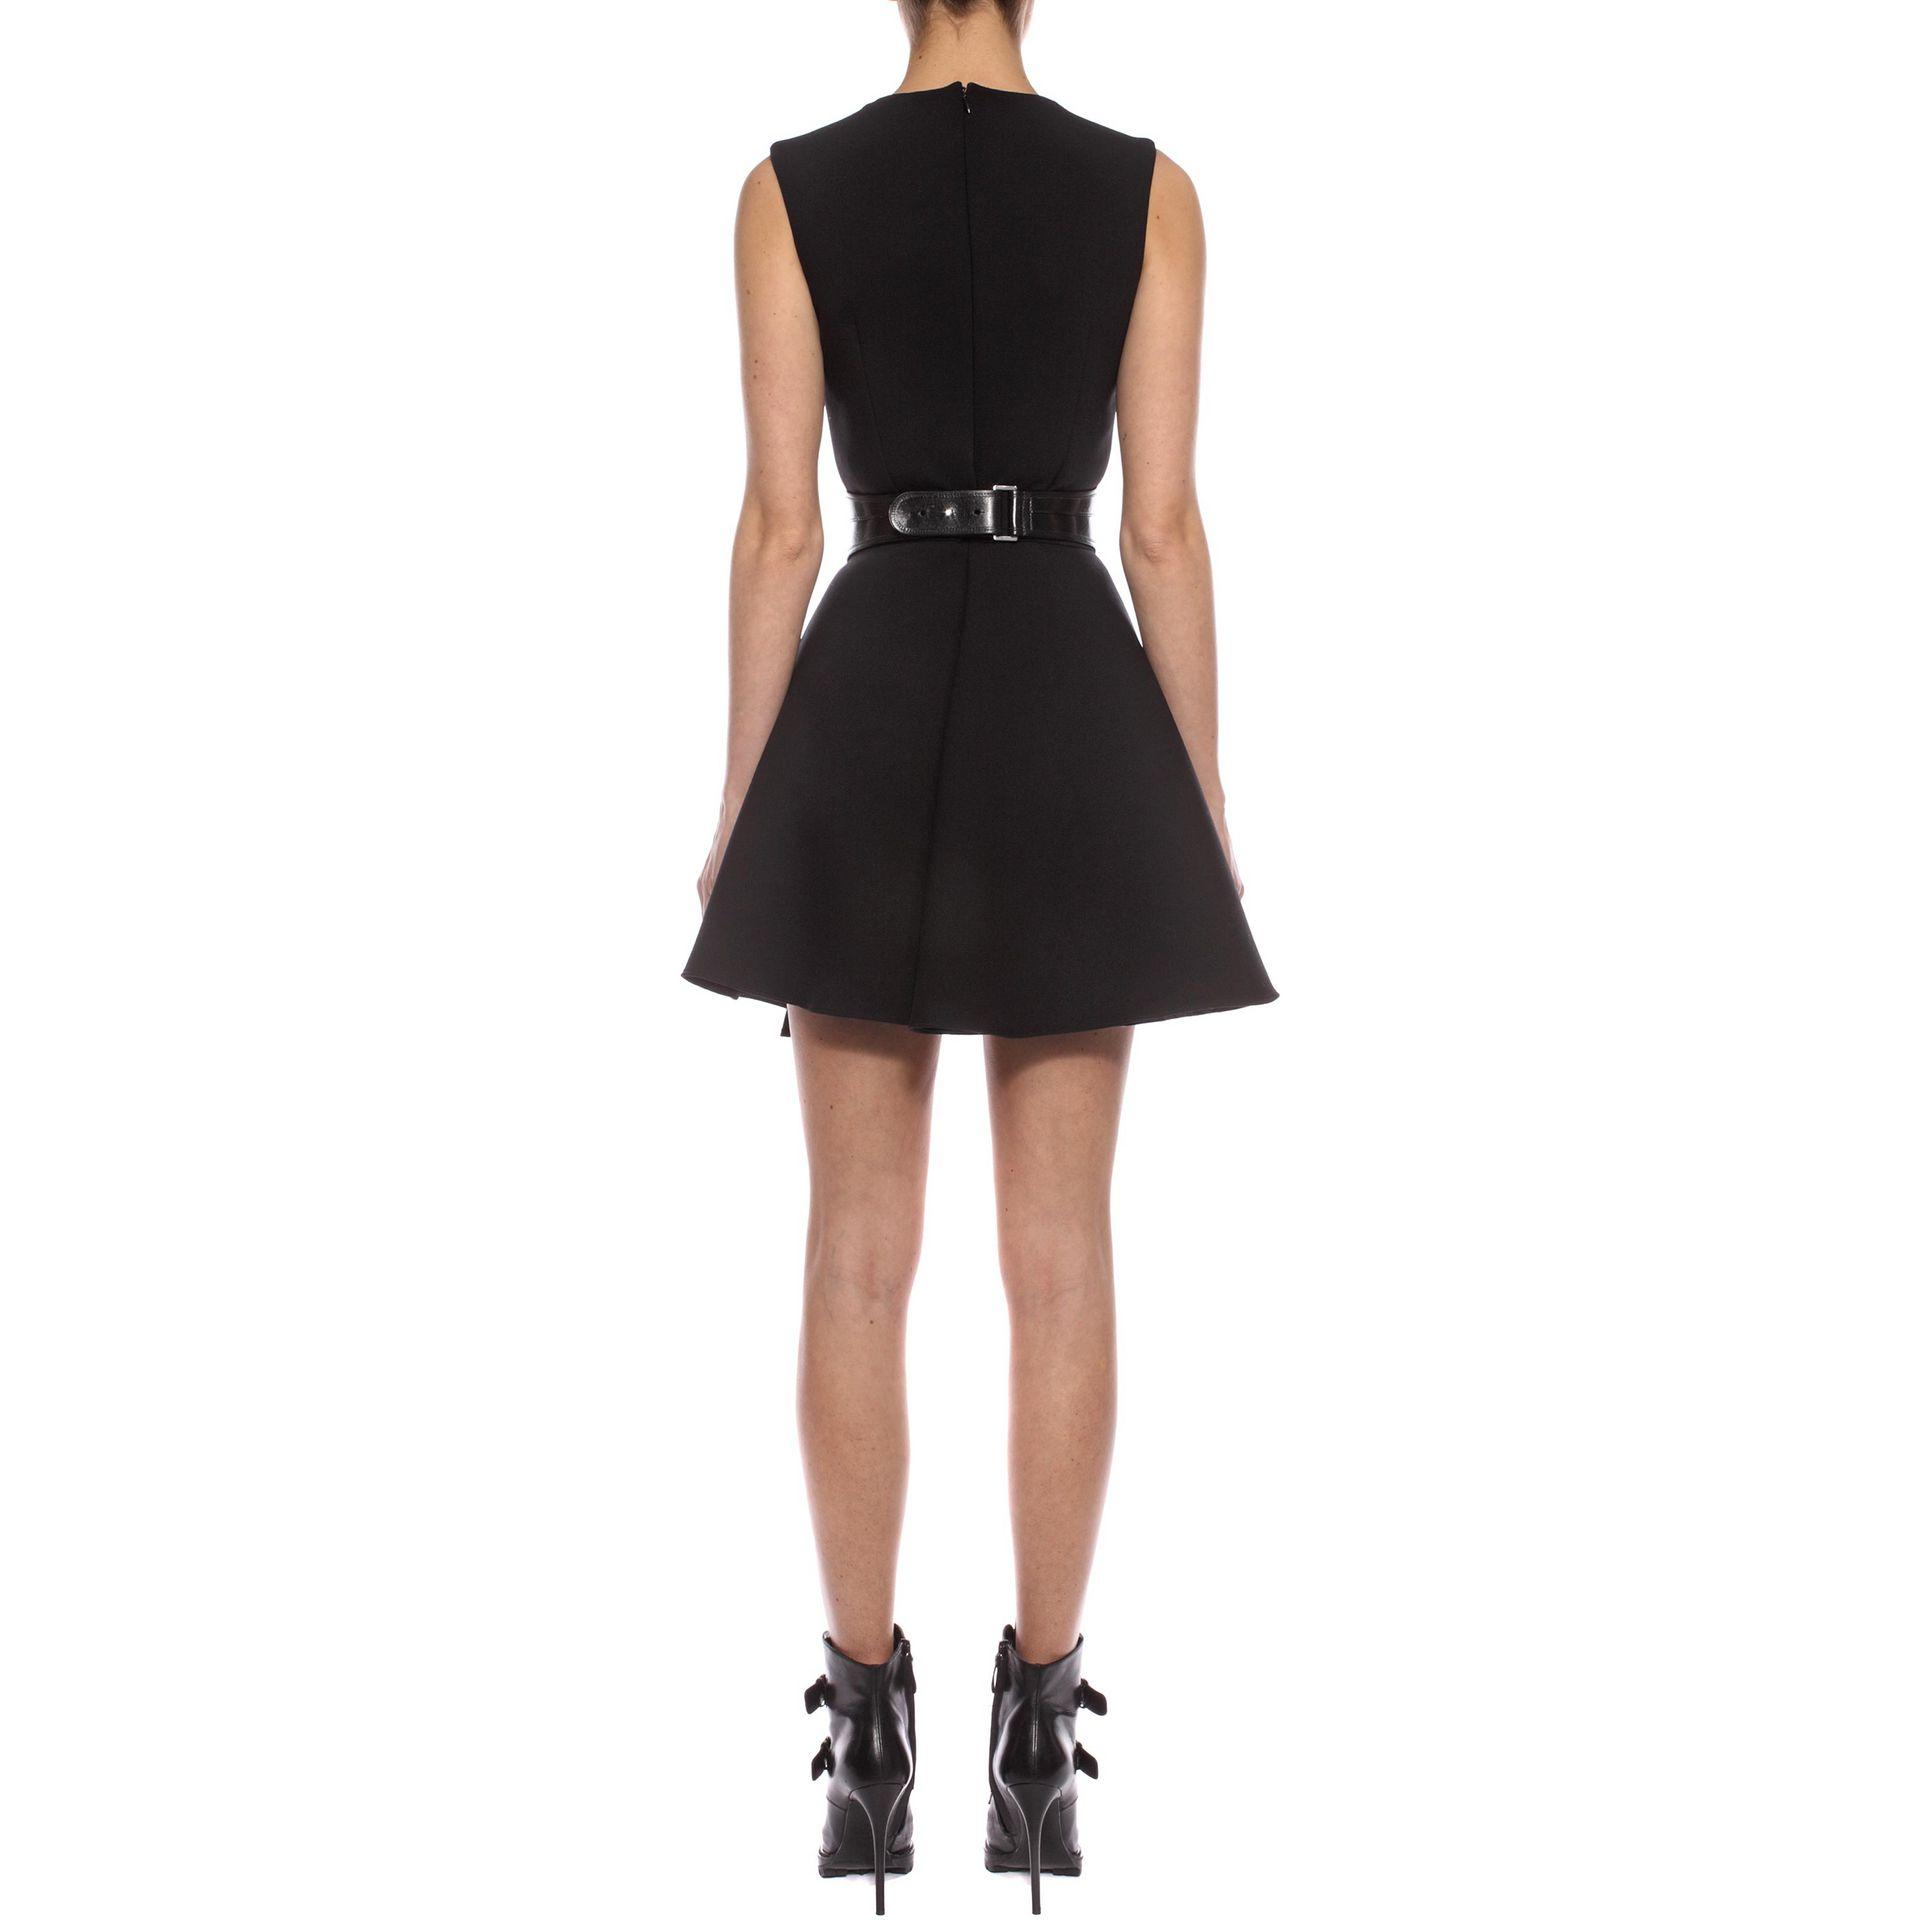 d237cc2f5b Lyst - Alexander McQueen Folded Drape Mini Dress in Black